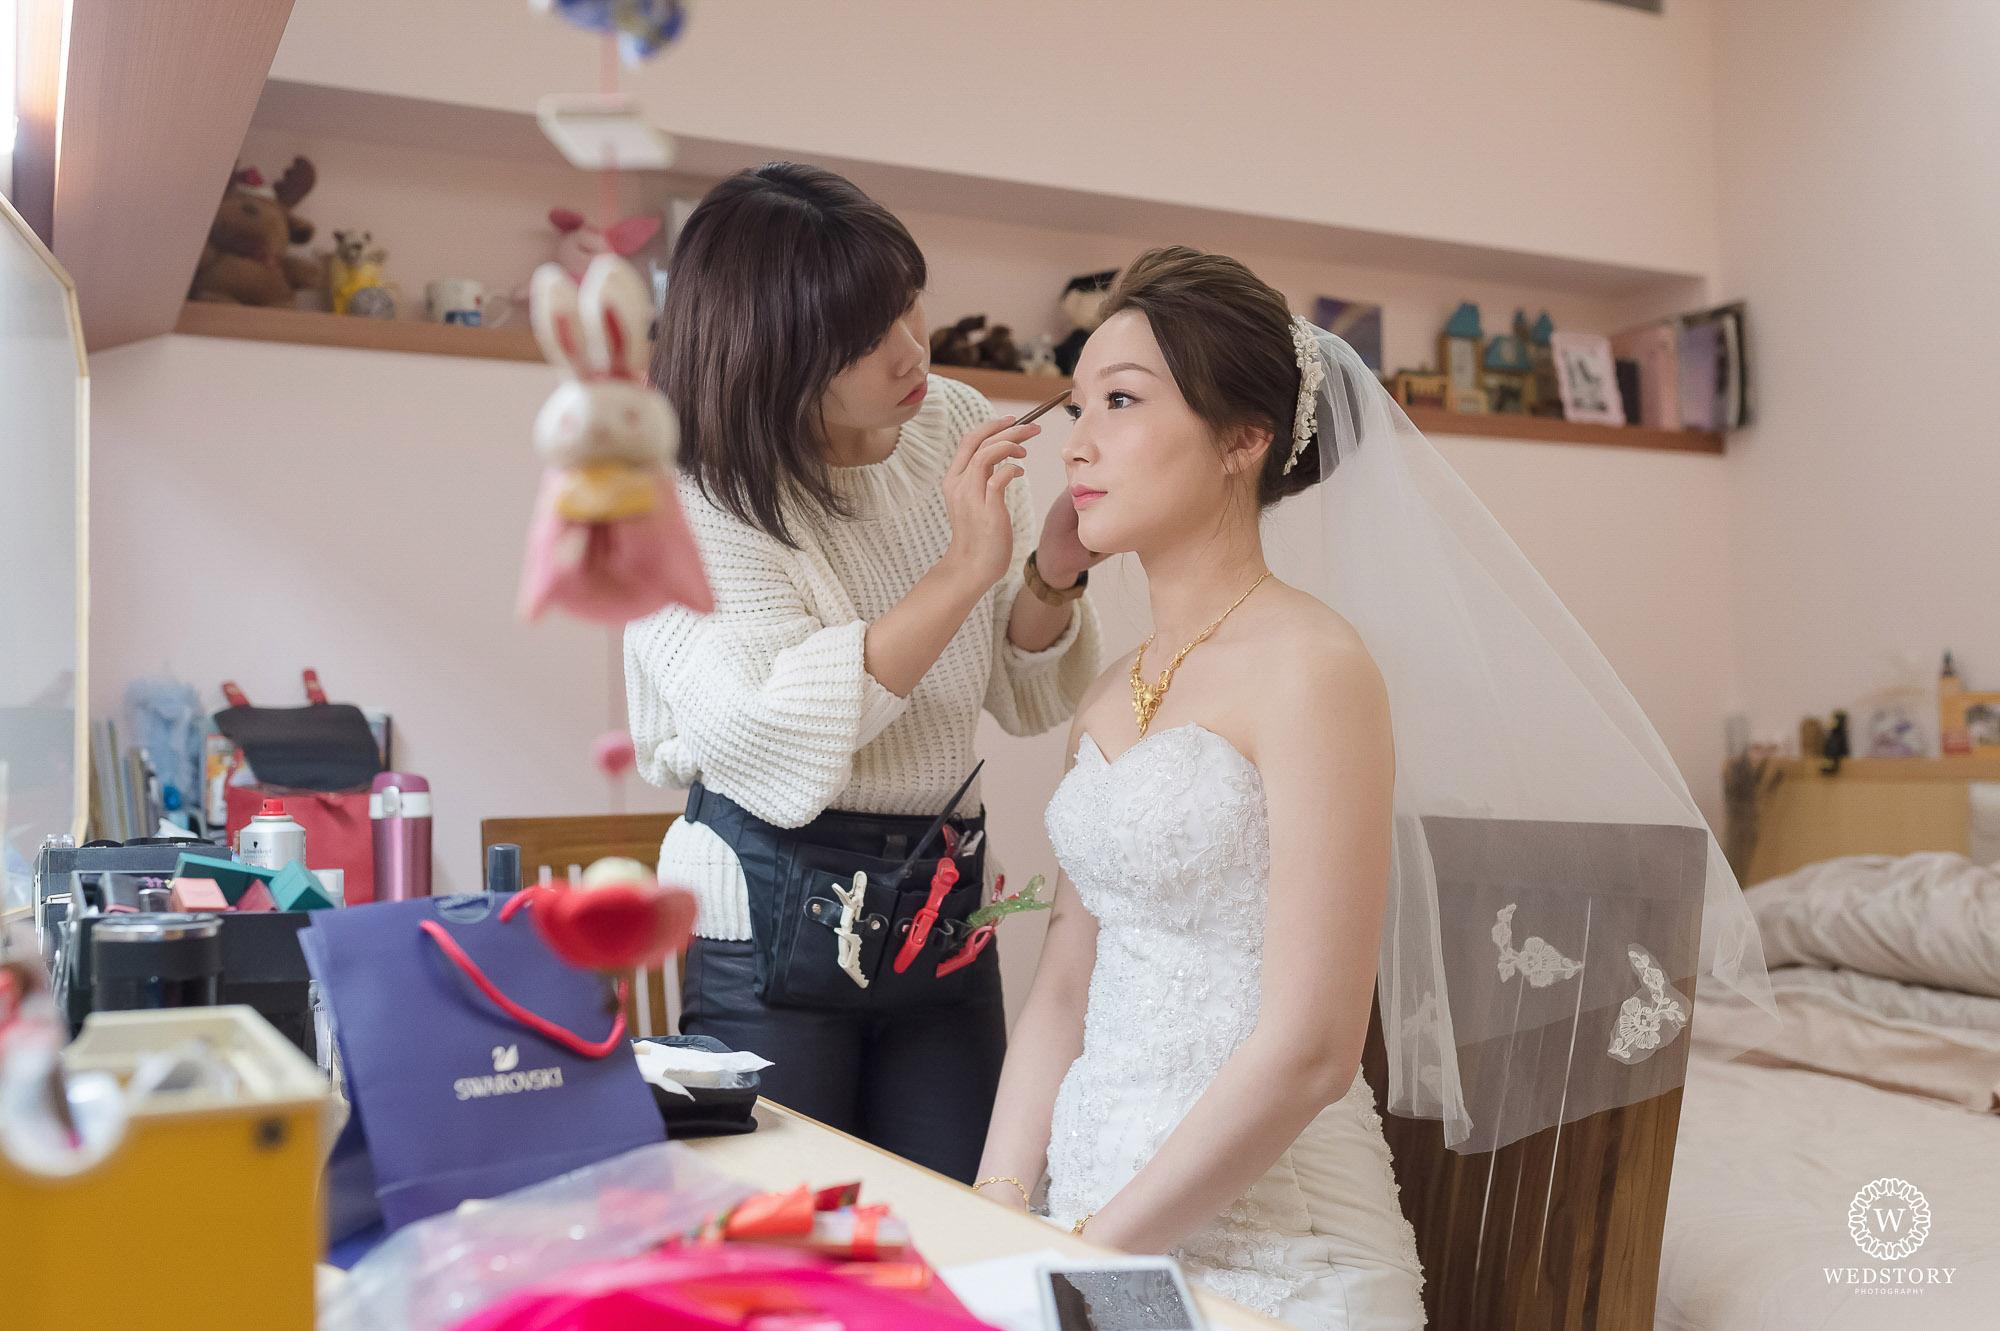 台北國賓飯店婚攝01,國際廳,台北婚攝推薦,婚禮攝影,婚禮紀錄